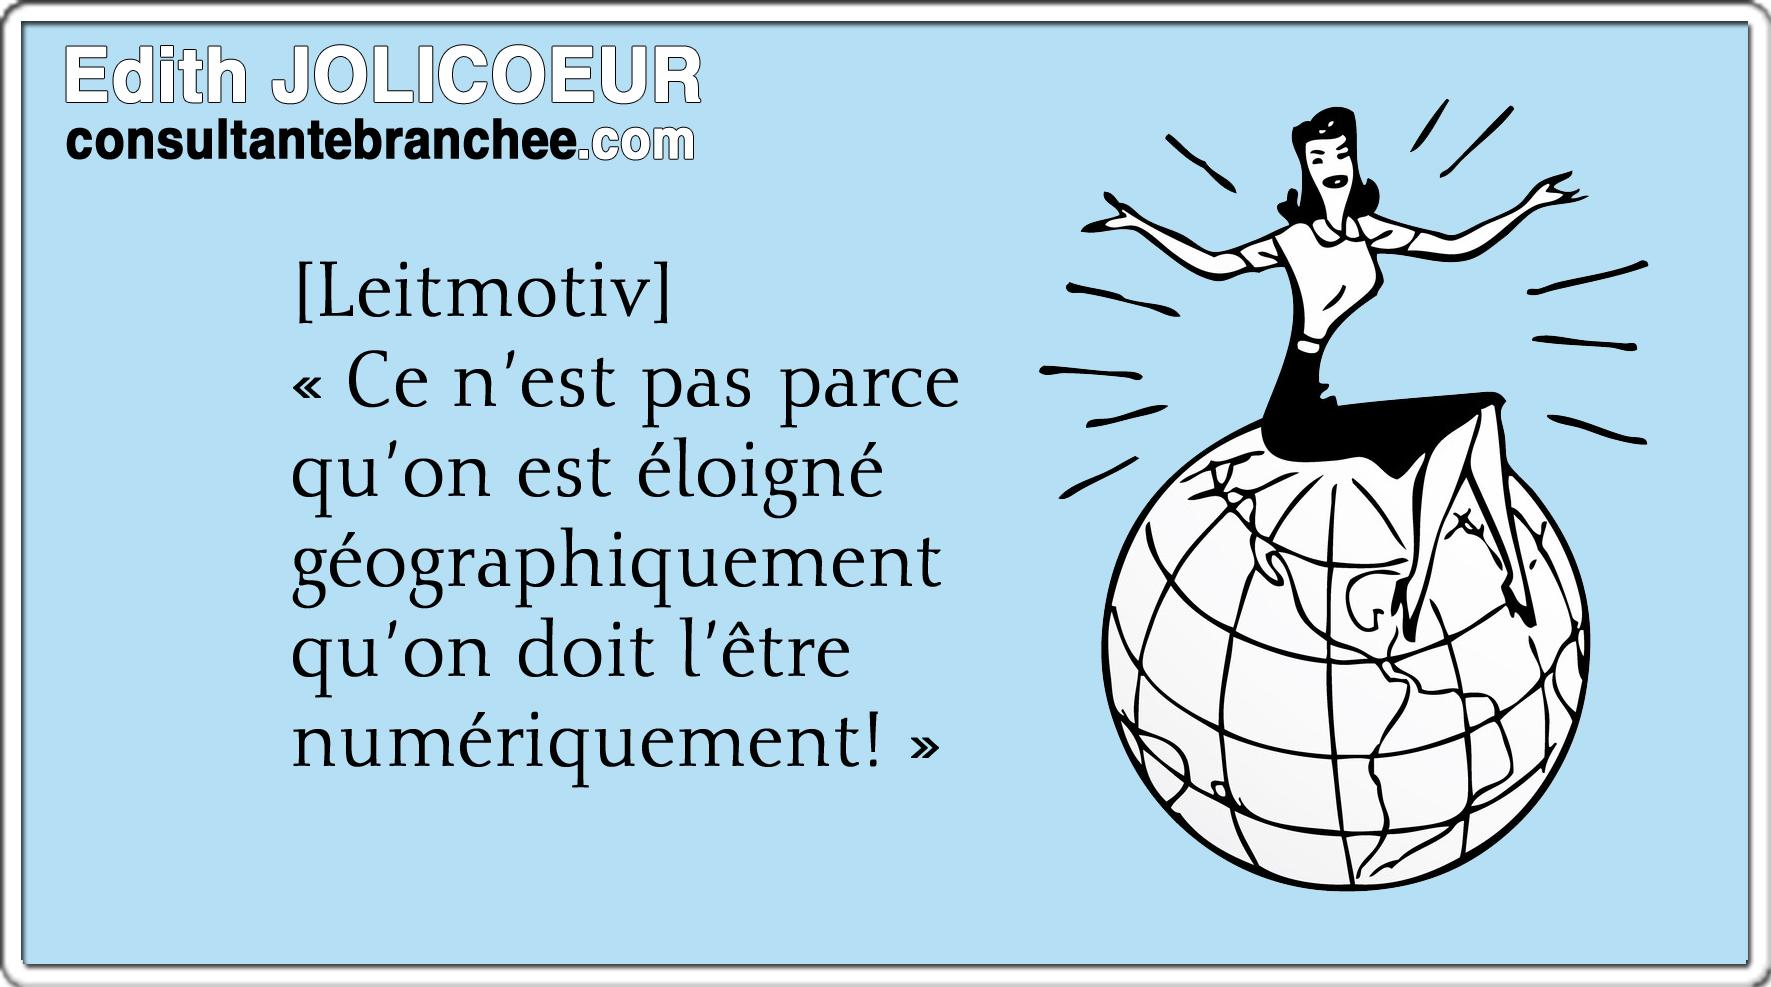 Edith JOLICOEUR HOISIR D'ÊTRE BRANCHÉ : C'est pas parce qu'on est éloignés géographiquement qu'on doit l'être numériquement!